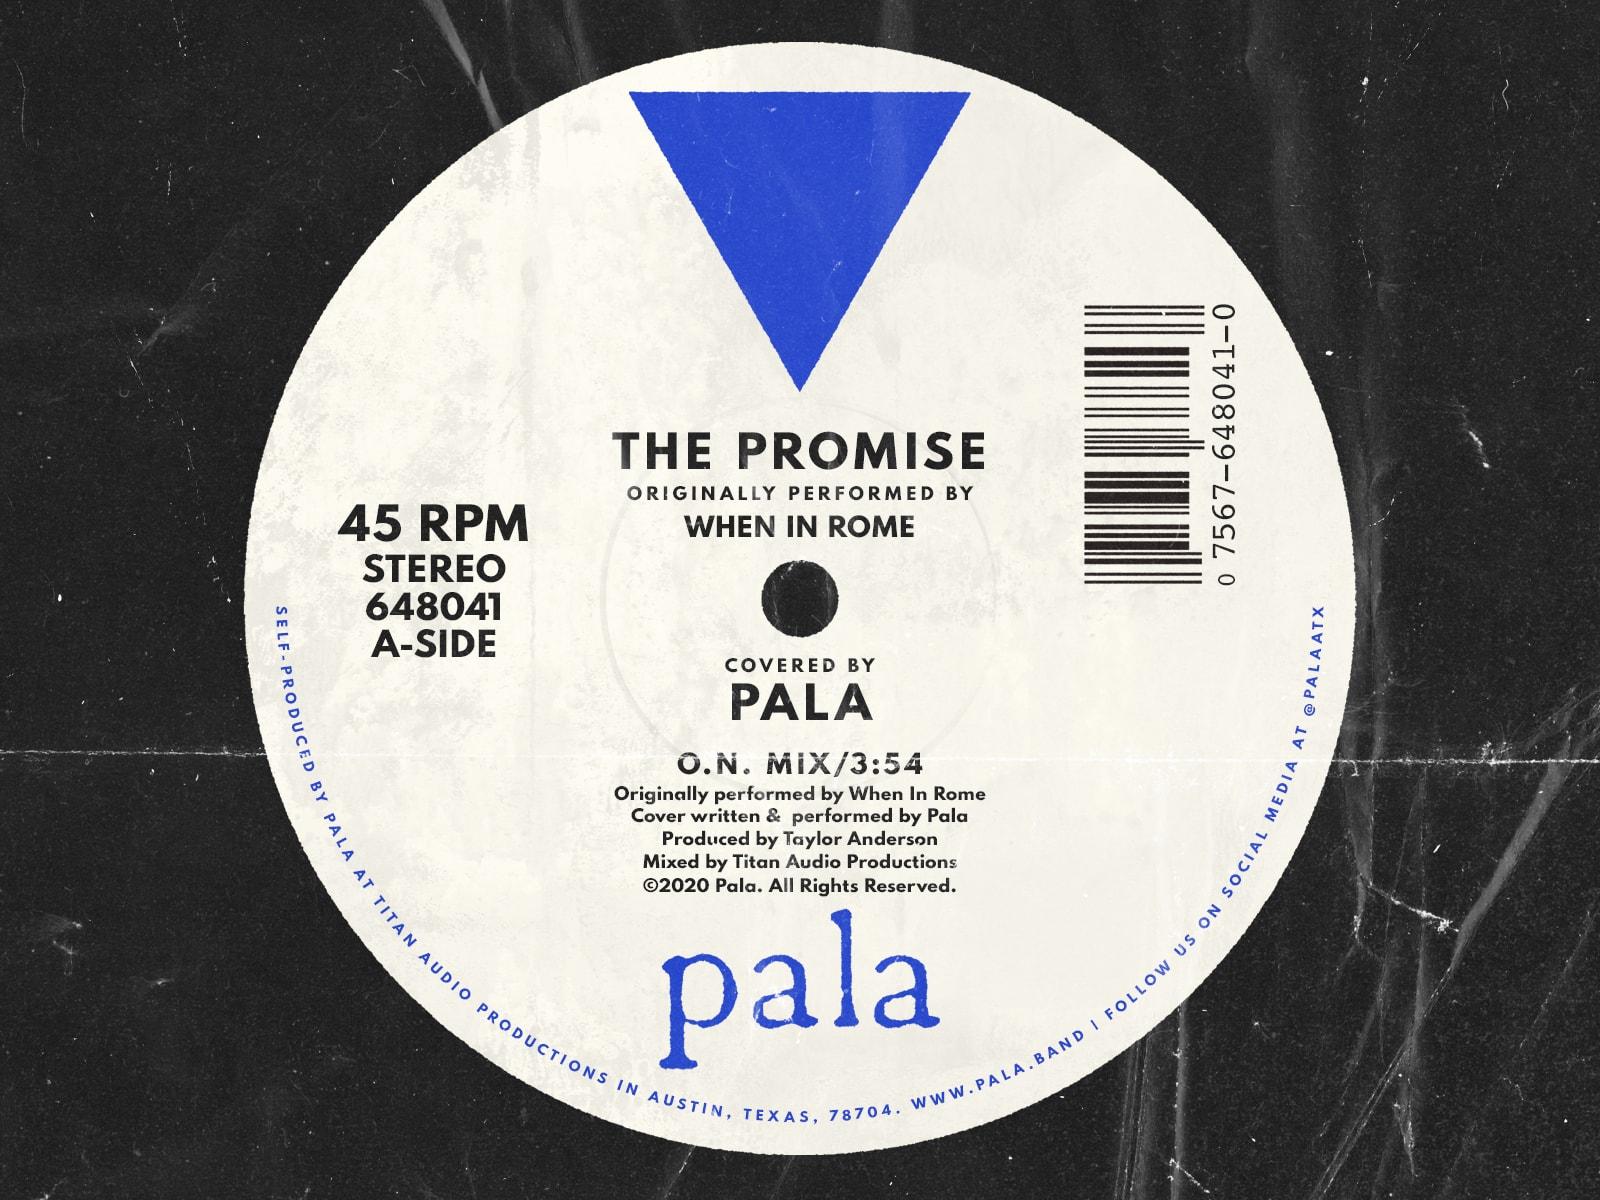 The promise album art